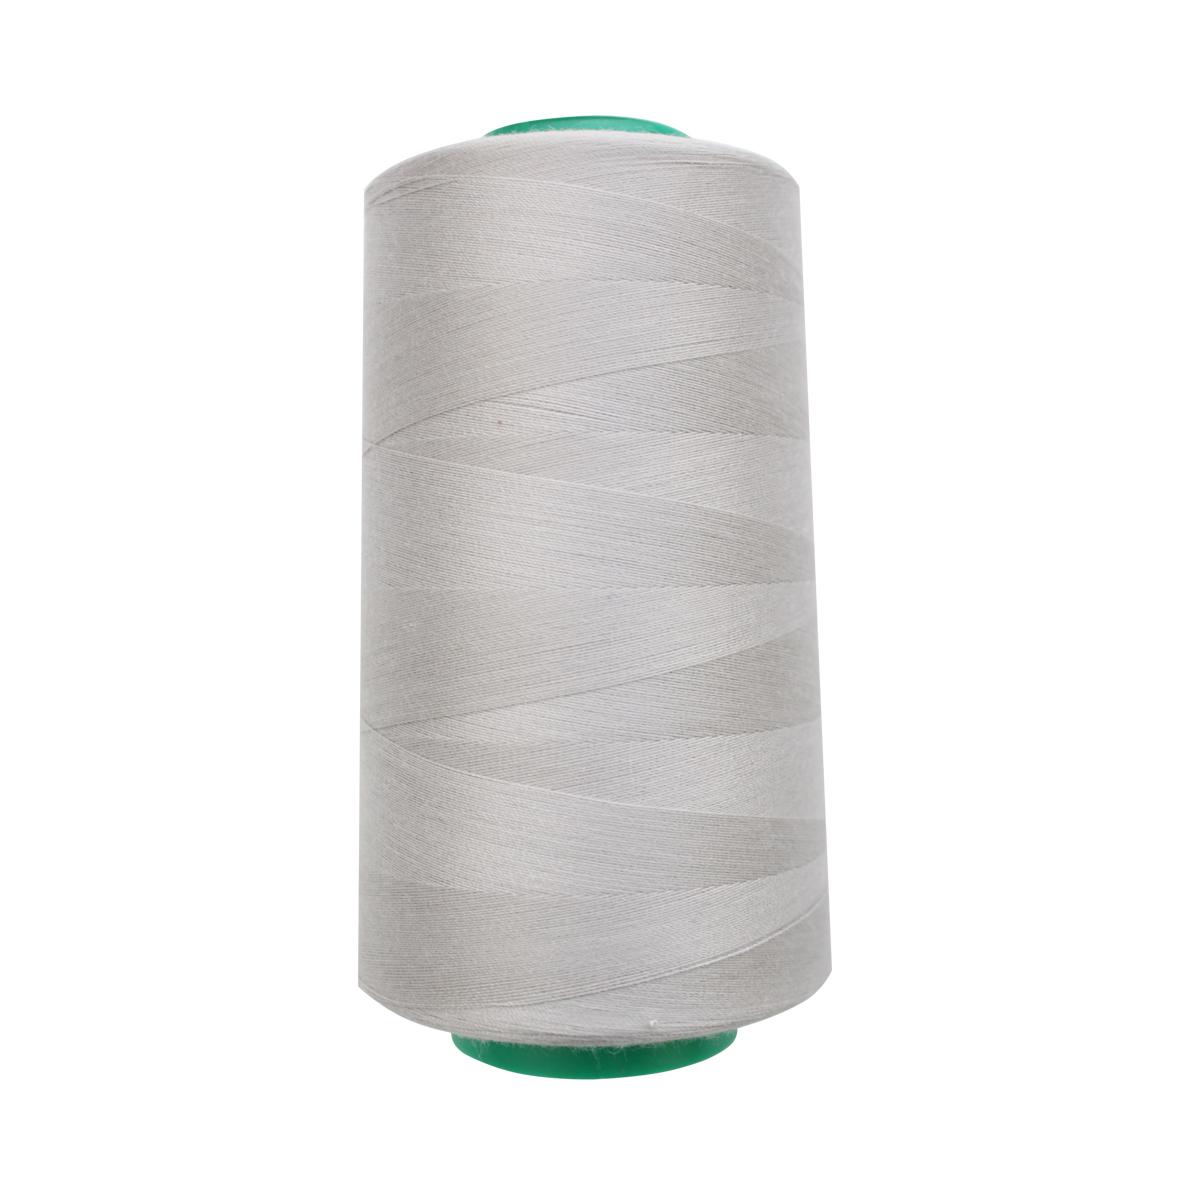 Нитки для шитья Bestex 50/2, 5000 ярд, цвет: серо-пепельный (265)7700936-265Сфера использования: трикотаж; ткани малого веса; оверлочные швы; отделка краев; вышивка. Размер игл №70-80